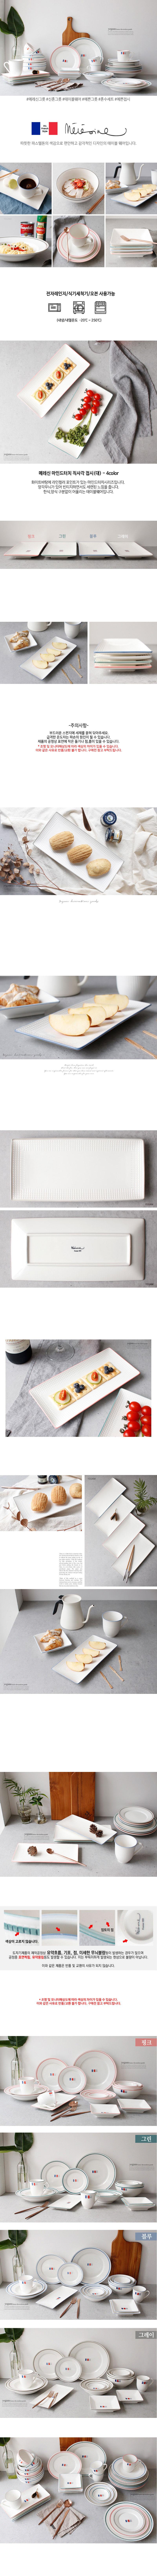 메레신) 마인드 터치 직사각 접시(대)1p - 4color- - 안나하우스, 15,500원, 접시/찬기, 접시